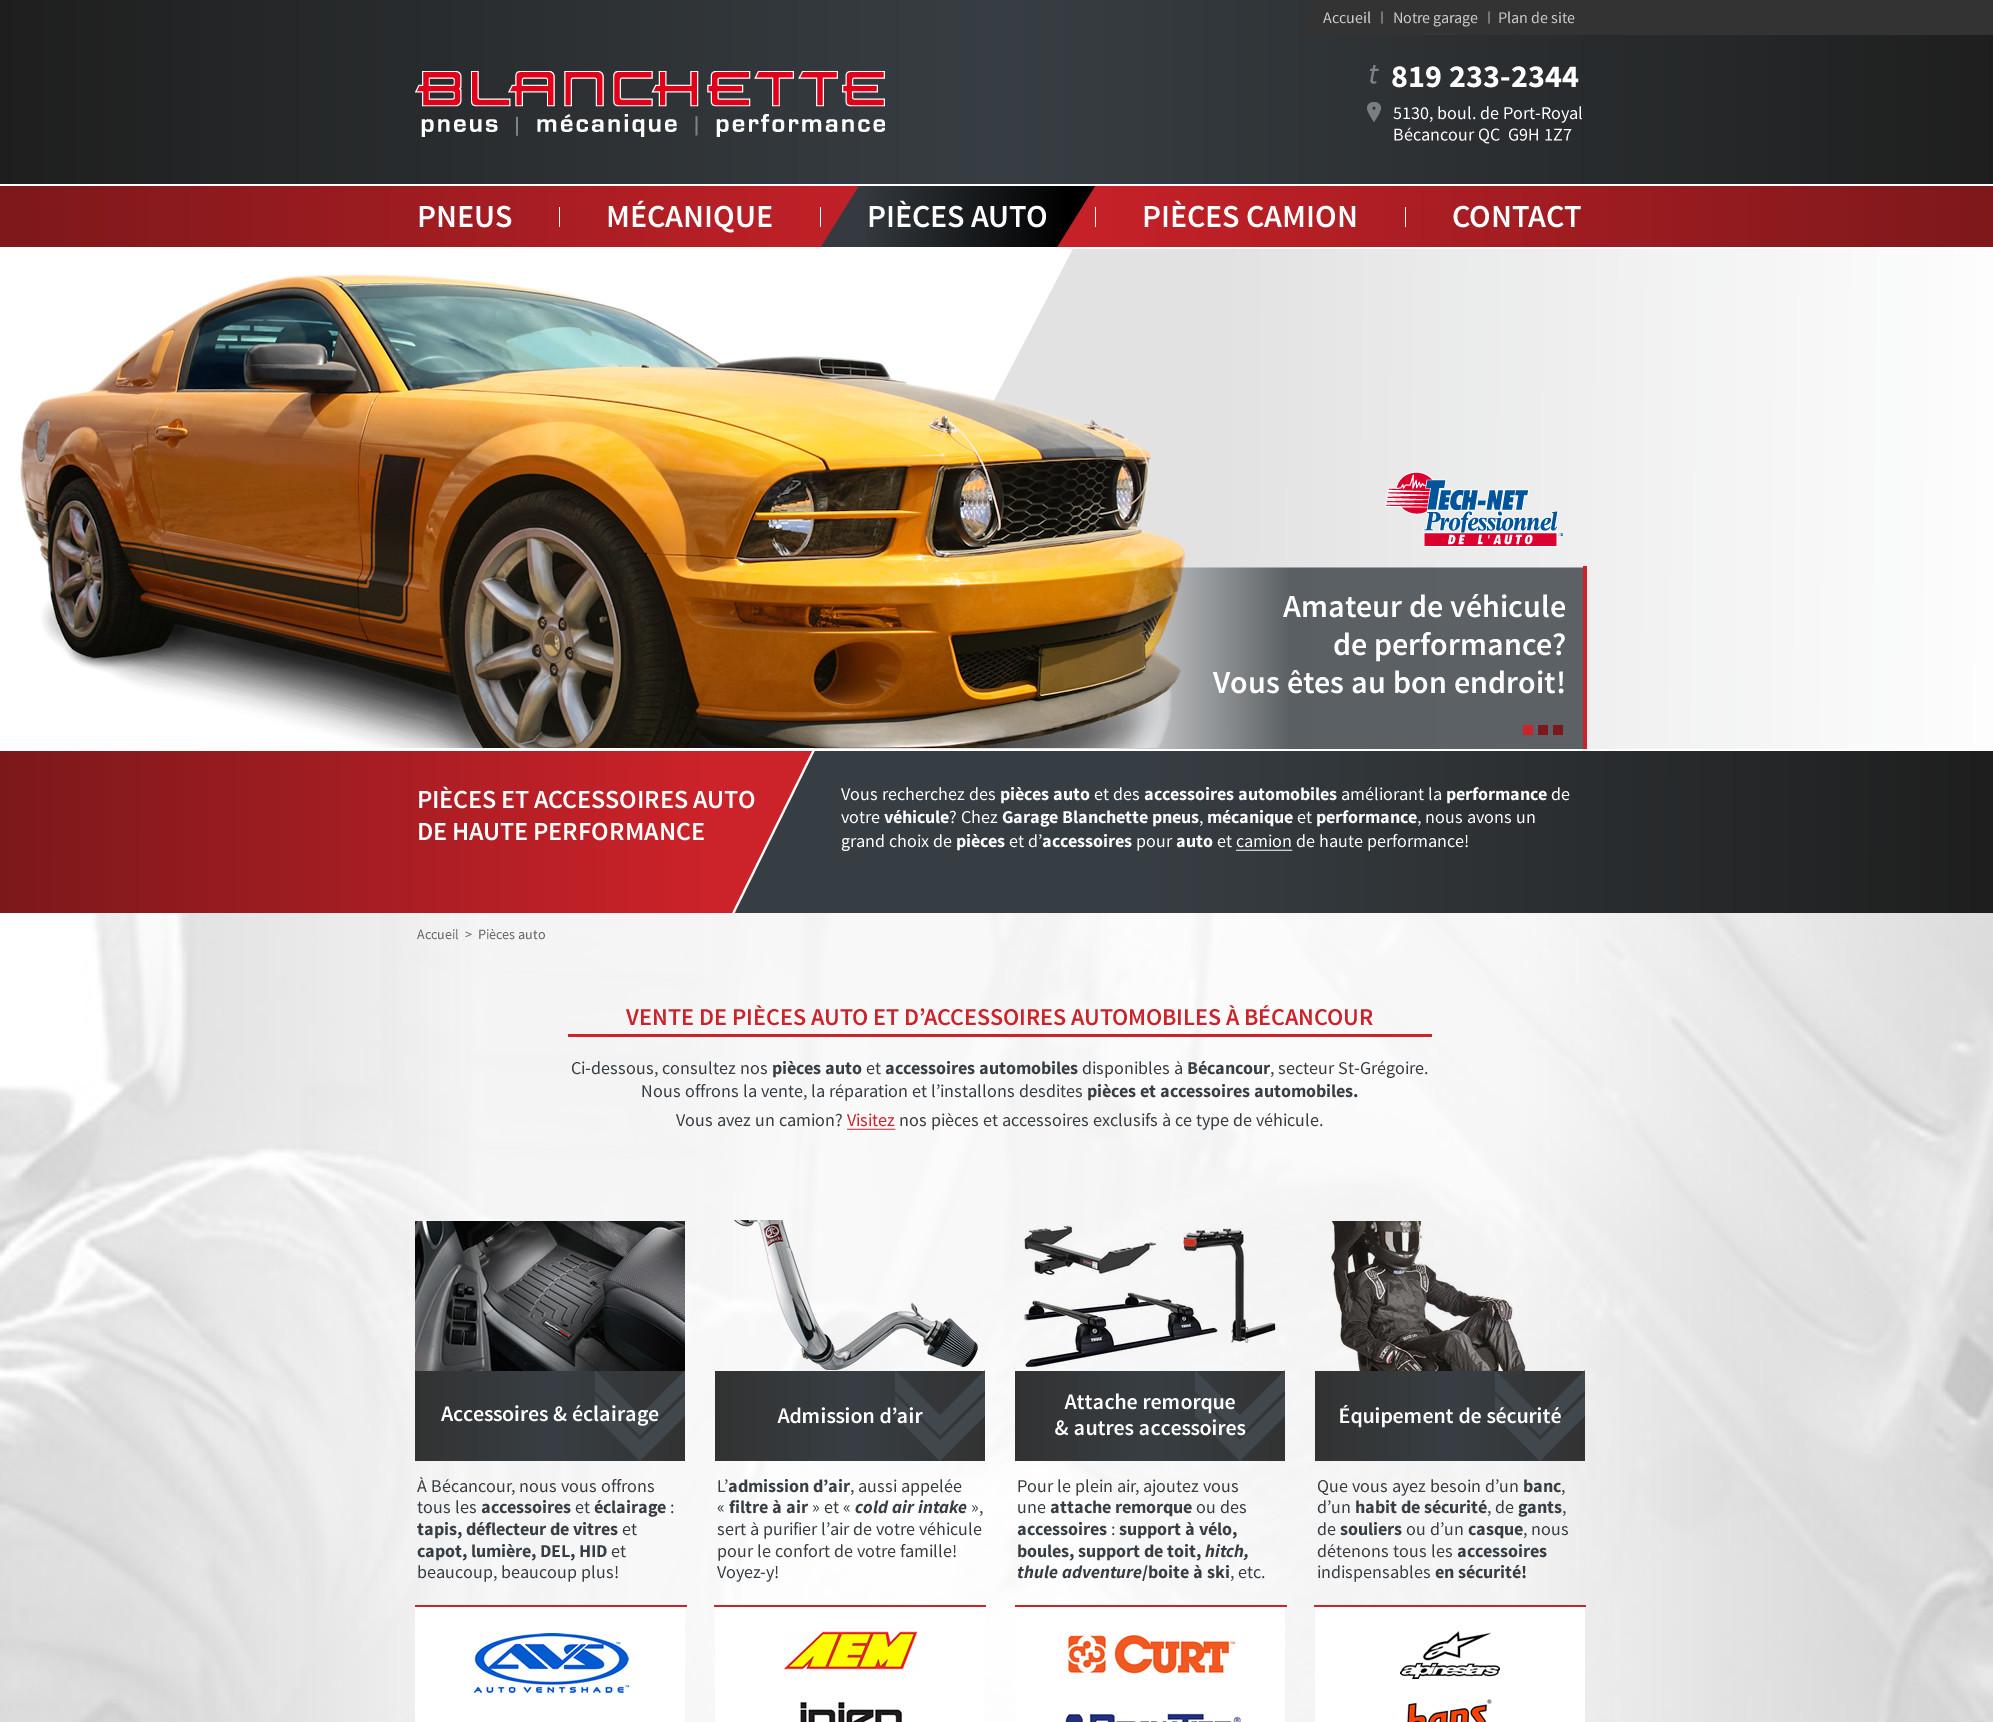 Un site web pour le garage blanchette pmp b cancour duo for Site internet pour garage automobile